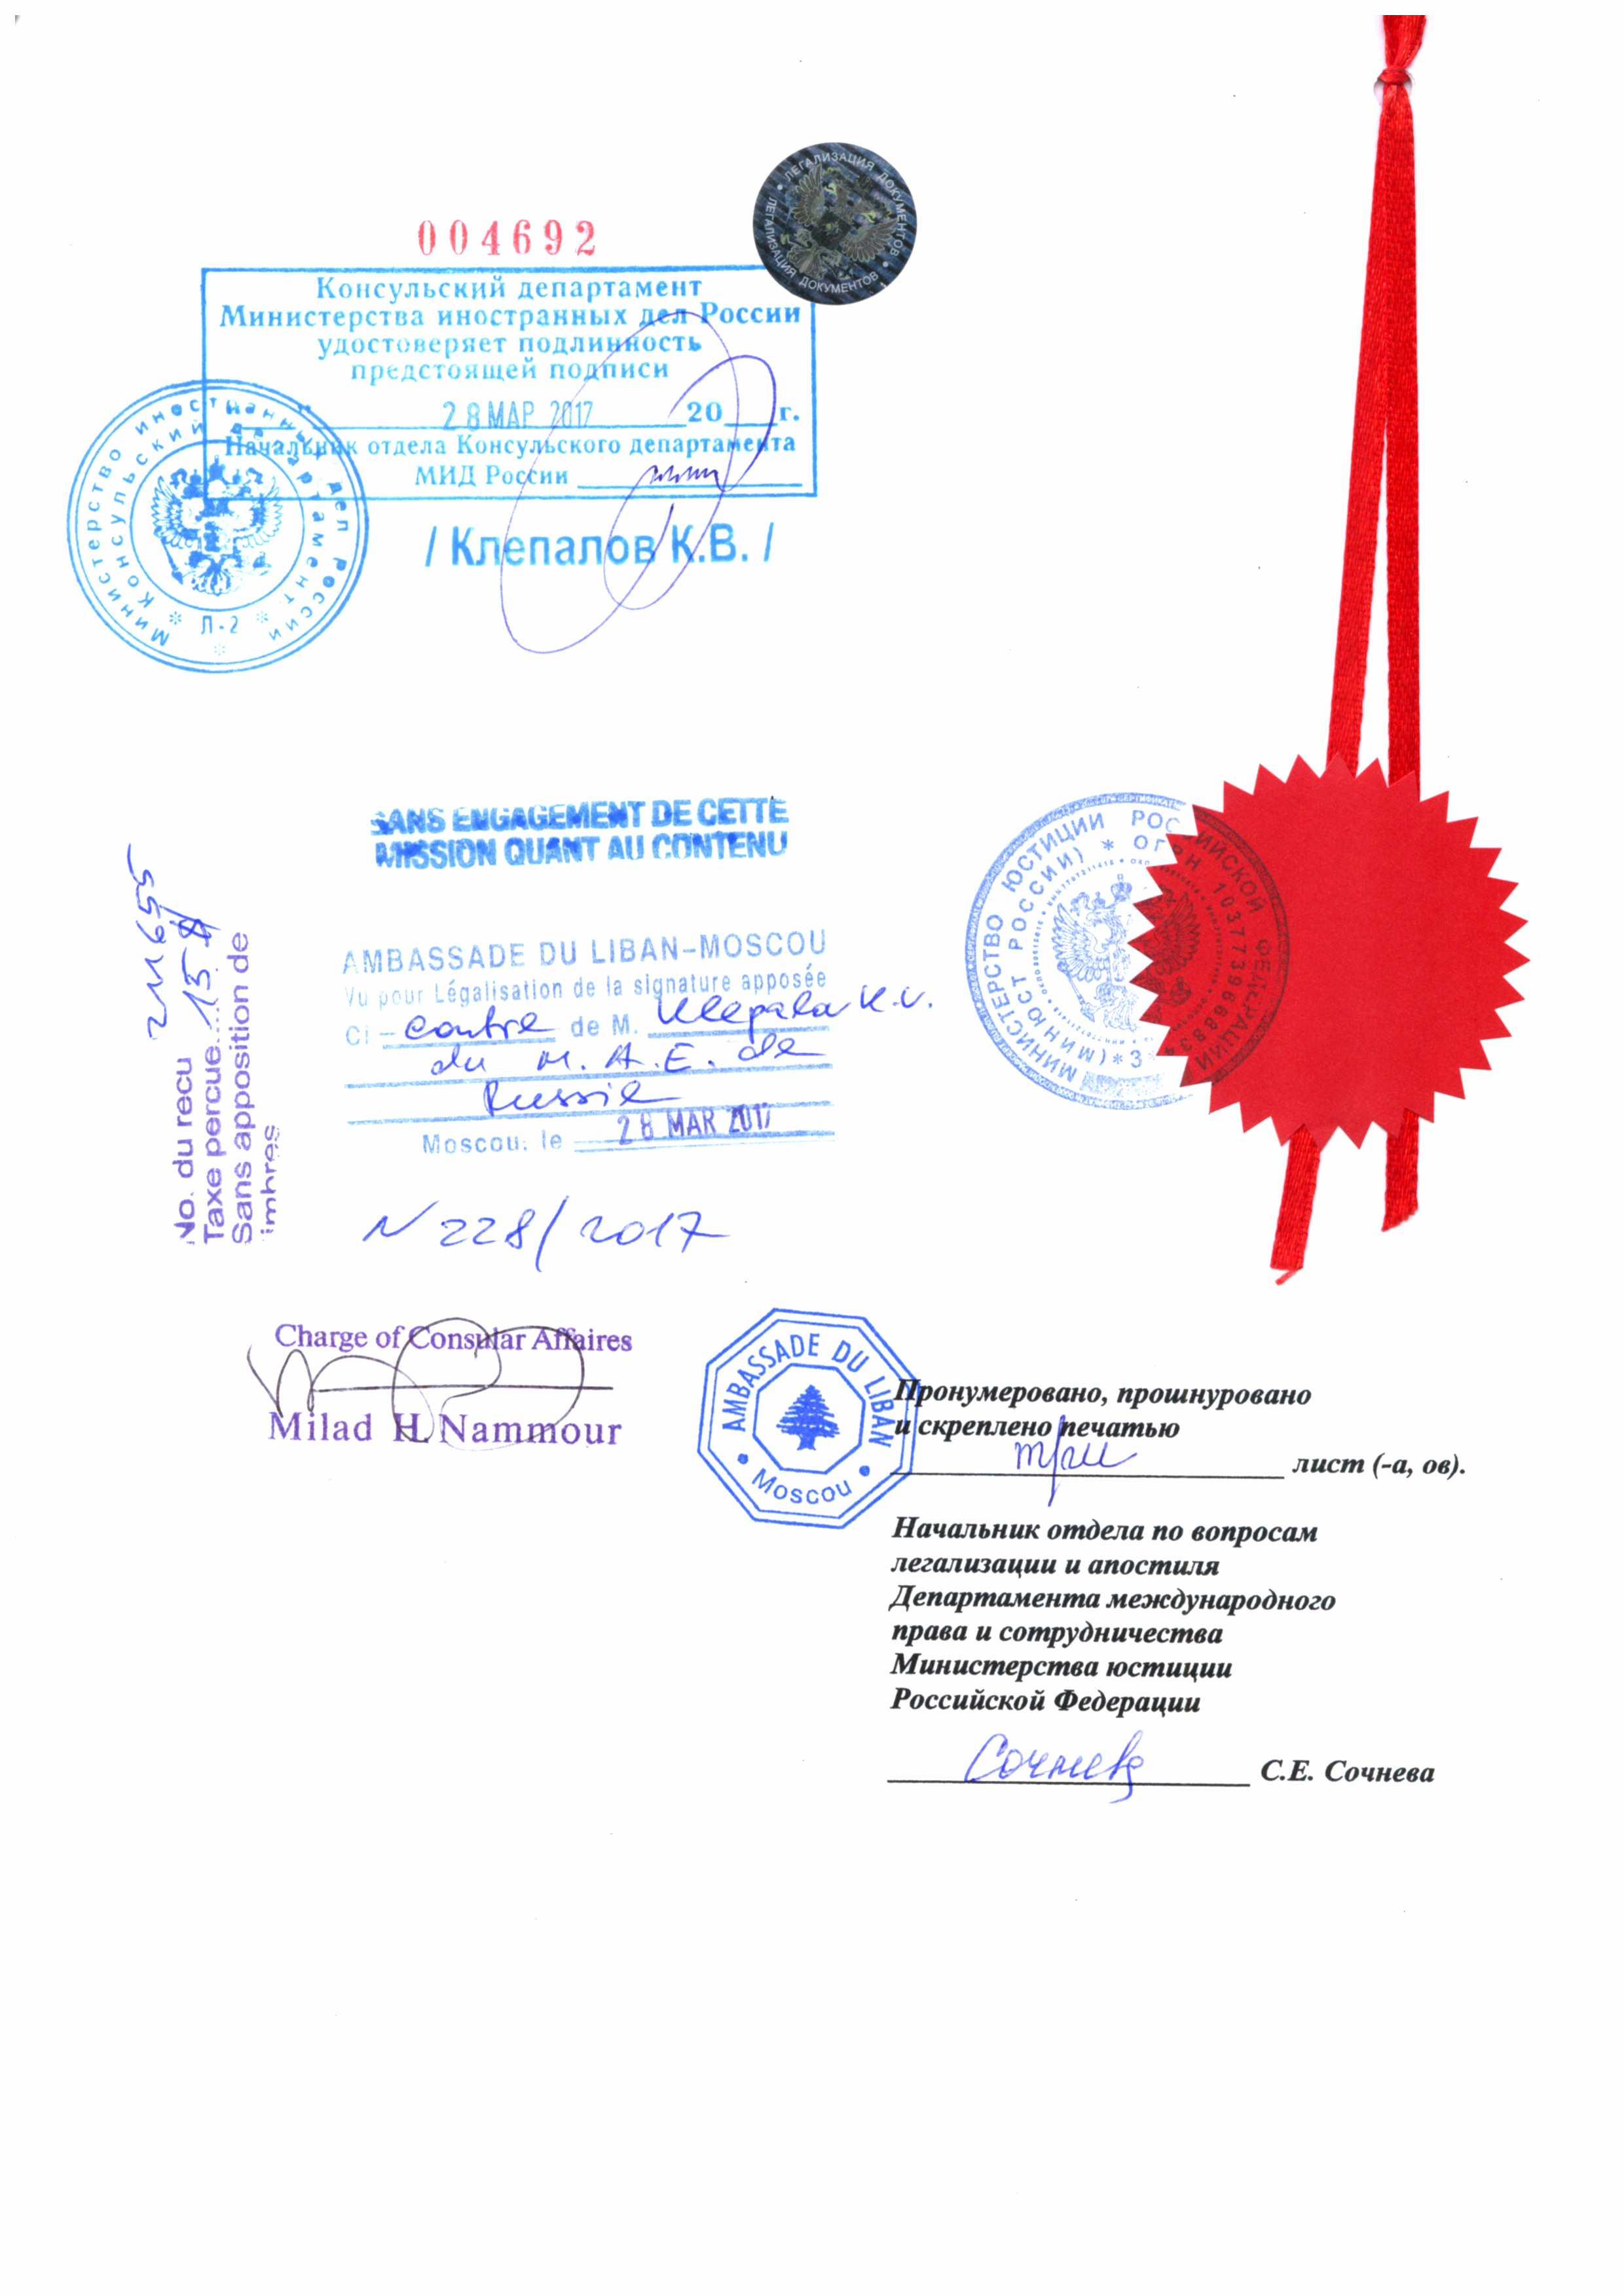 Образец консульской легализации российского документа для Ливана